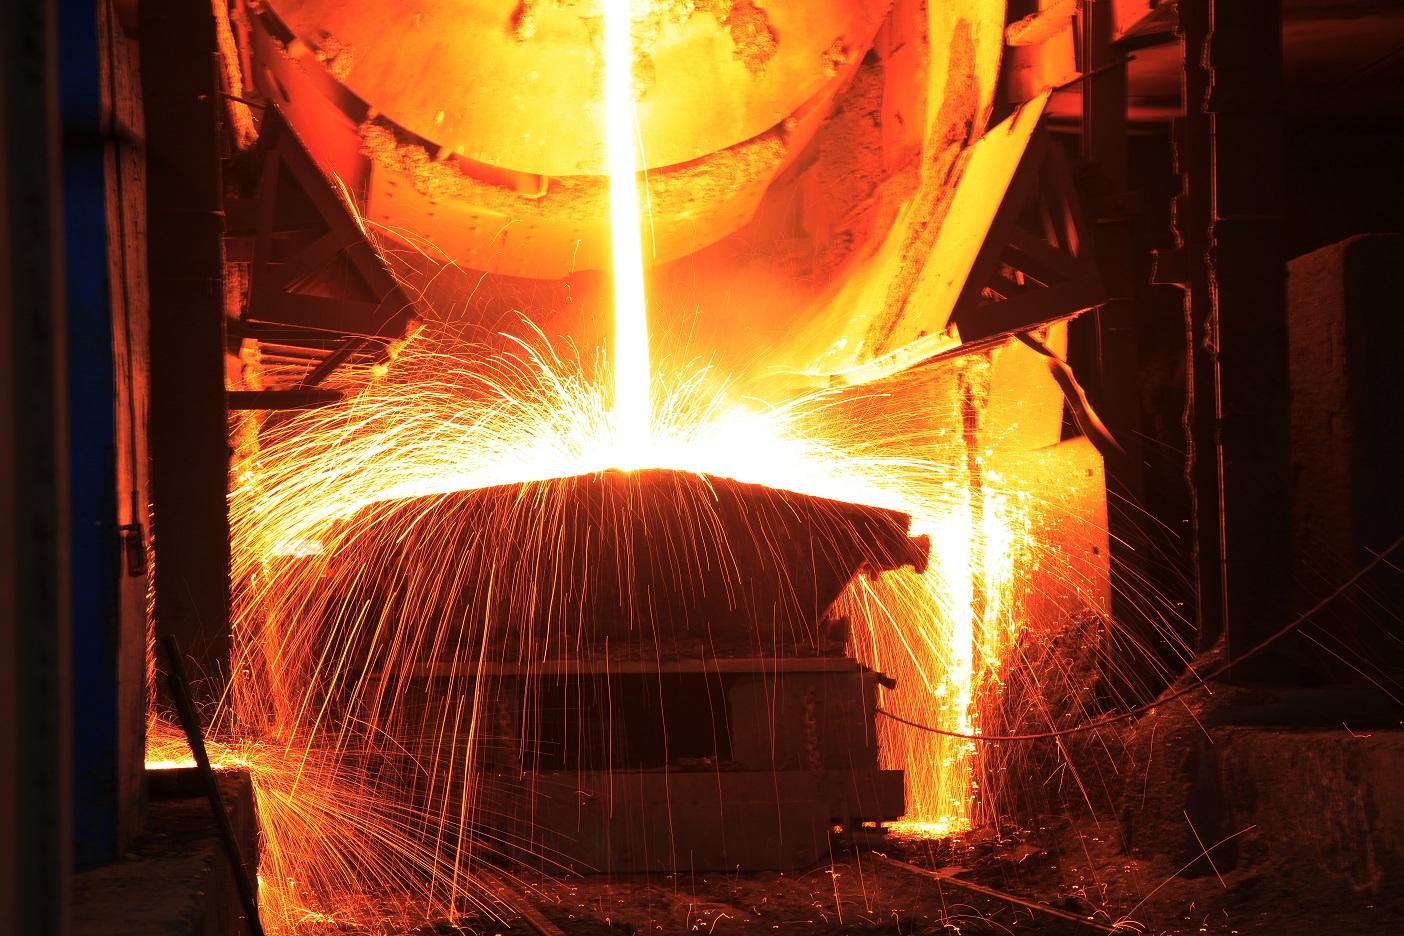 Smelting Image